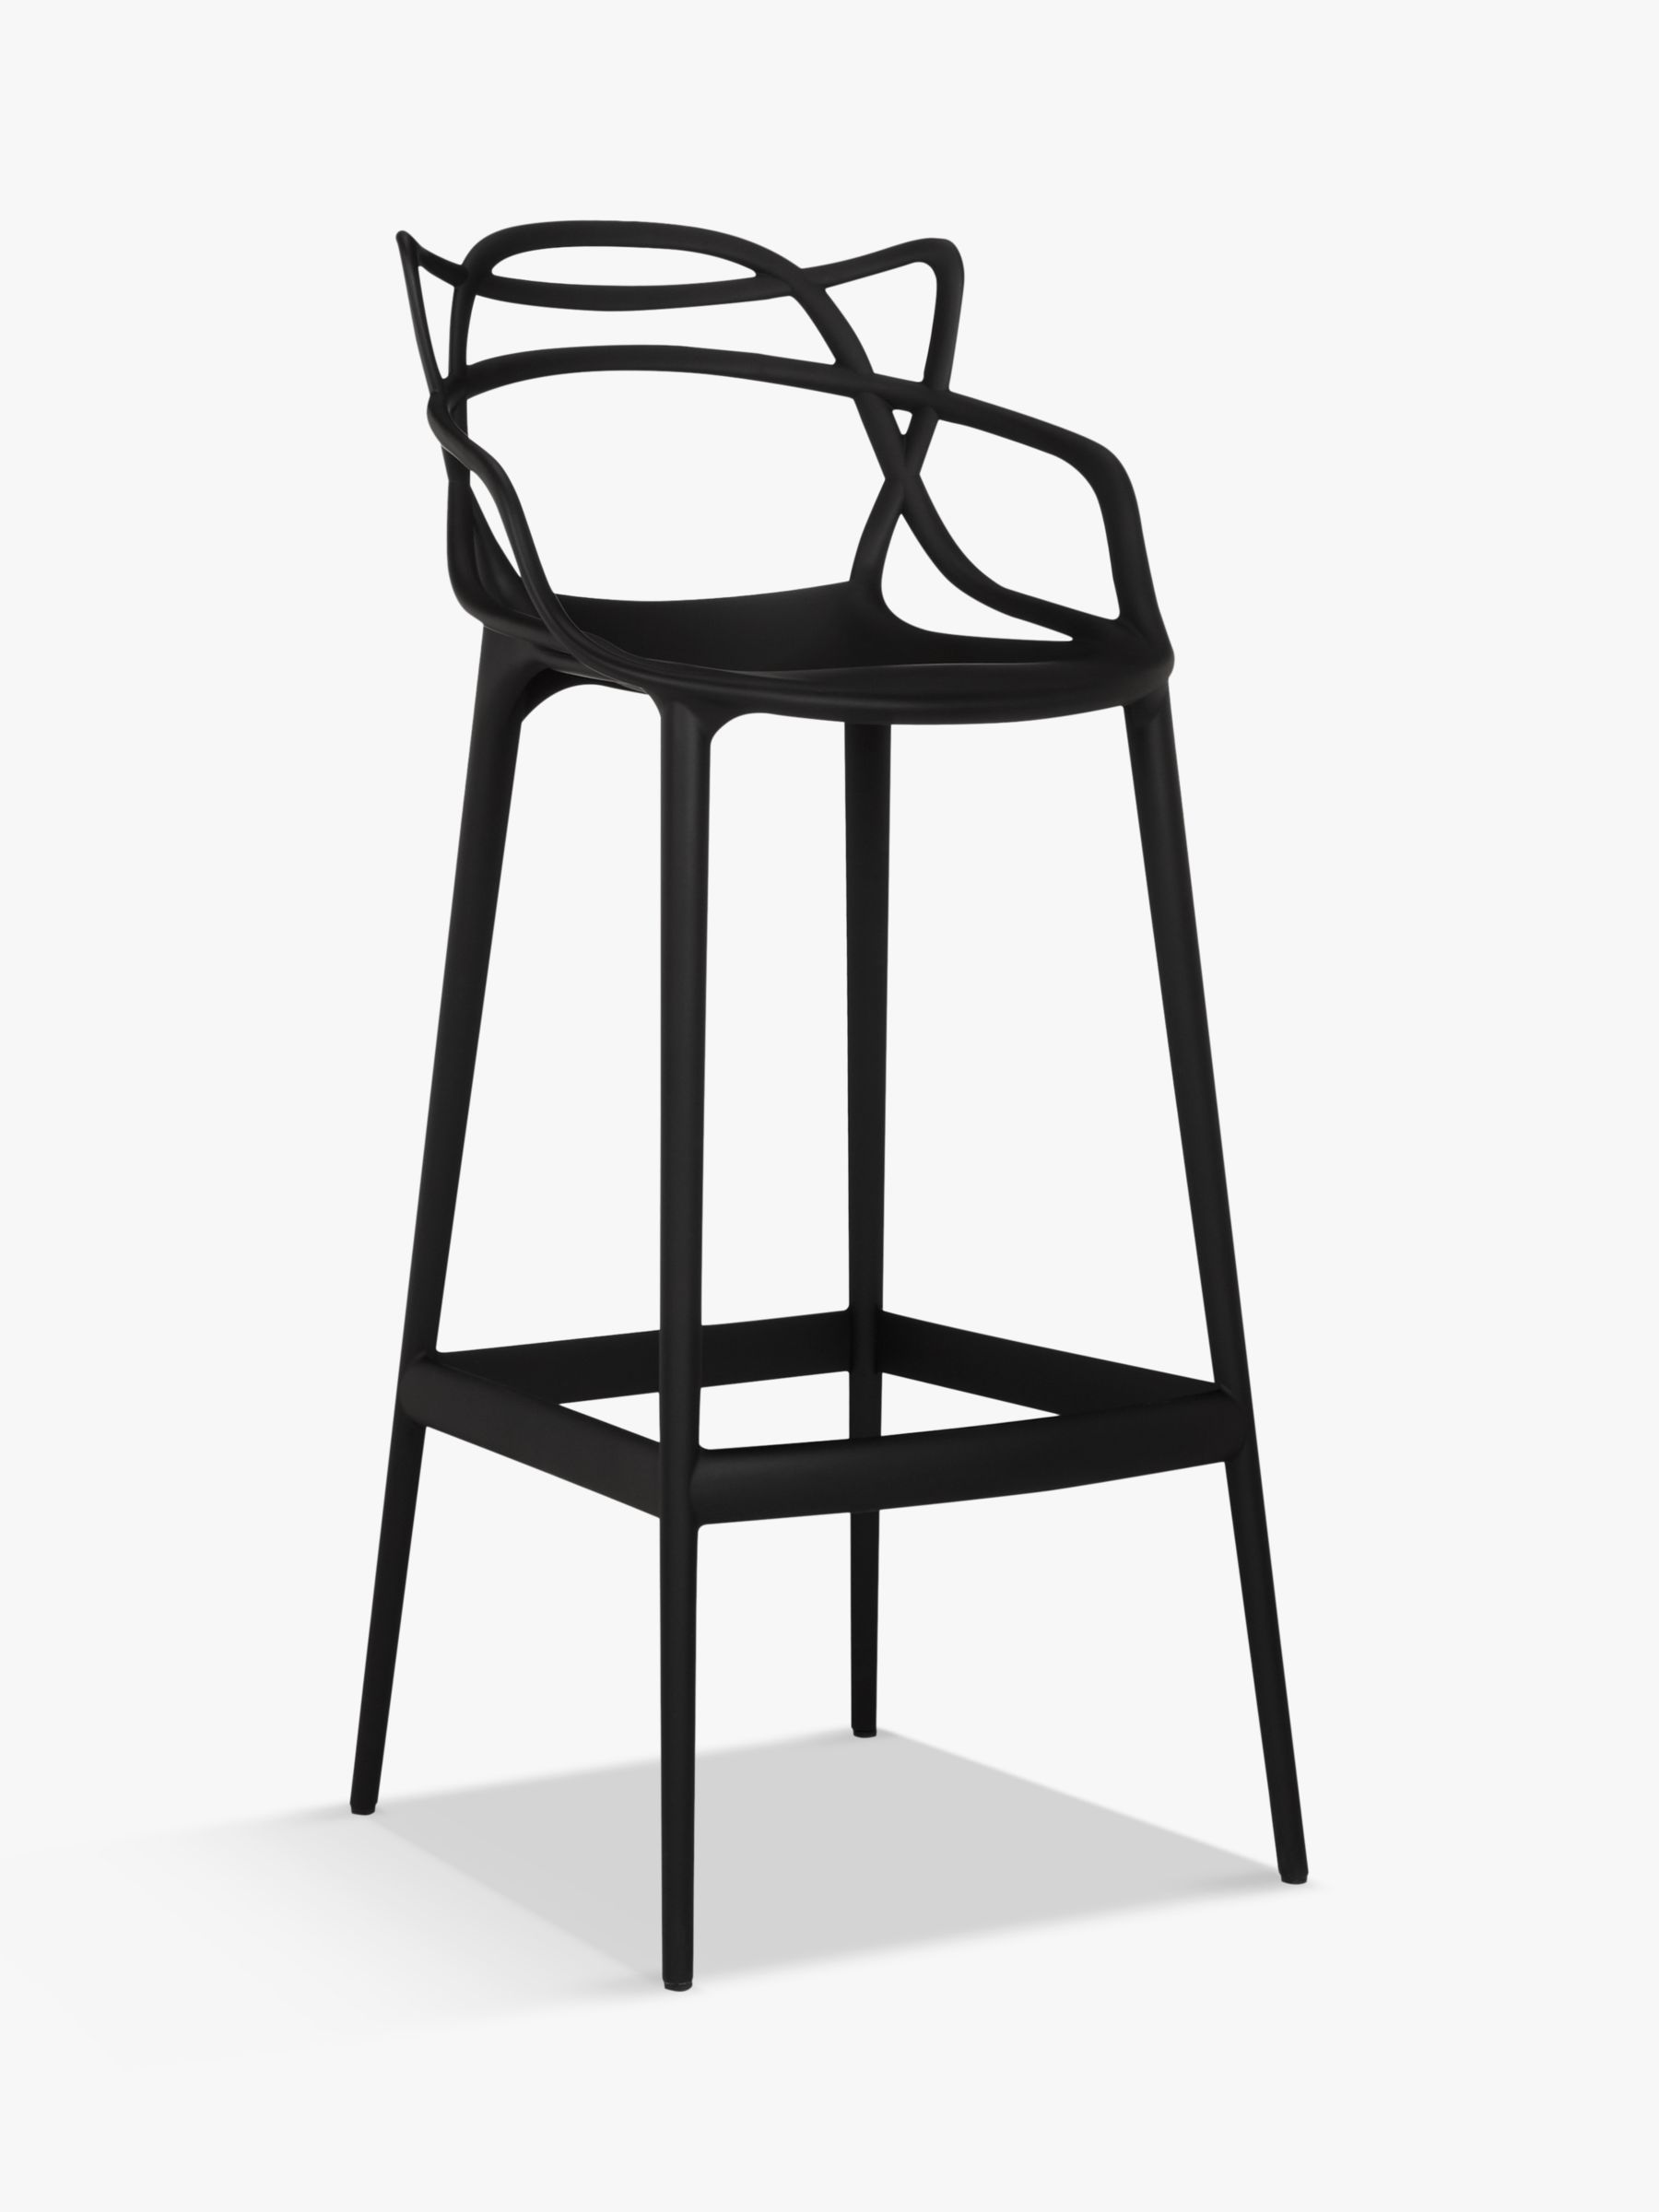 Kartell Philippe Starck for Kartell Masters Bar Chair